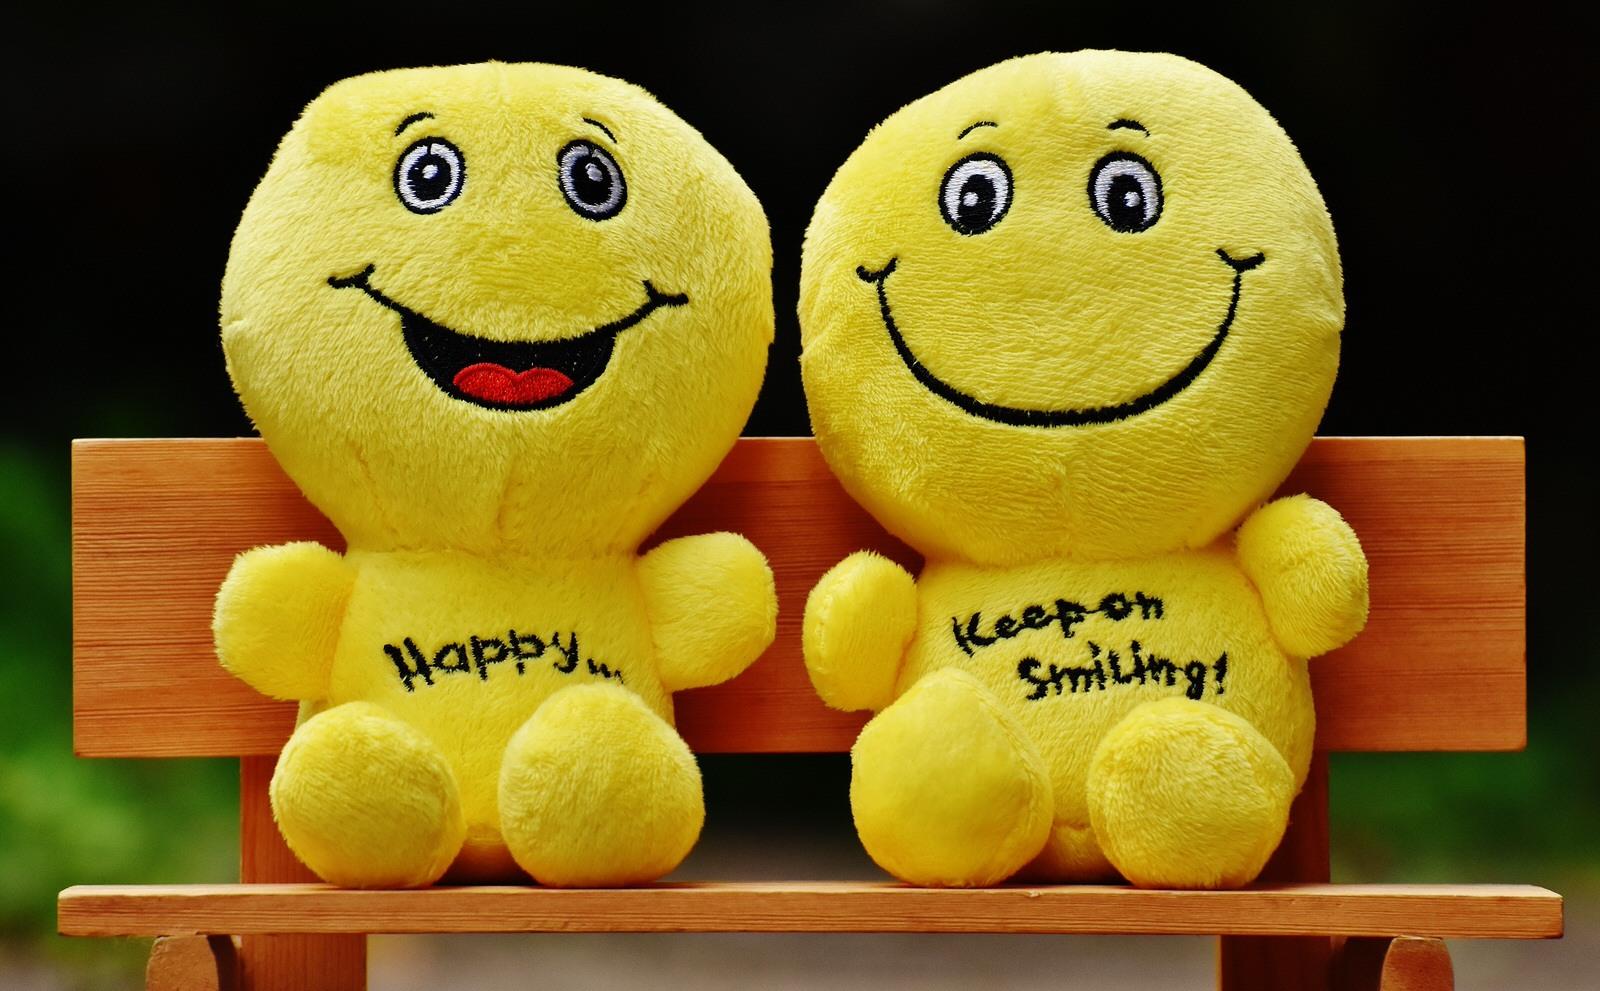 Comment être plus optimiste et positif dans sa vie ?